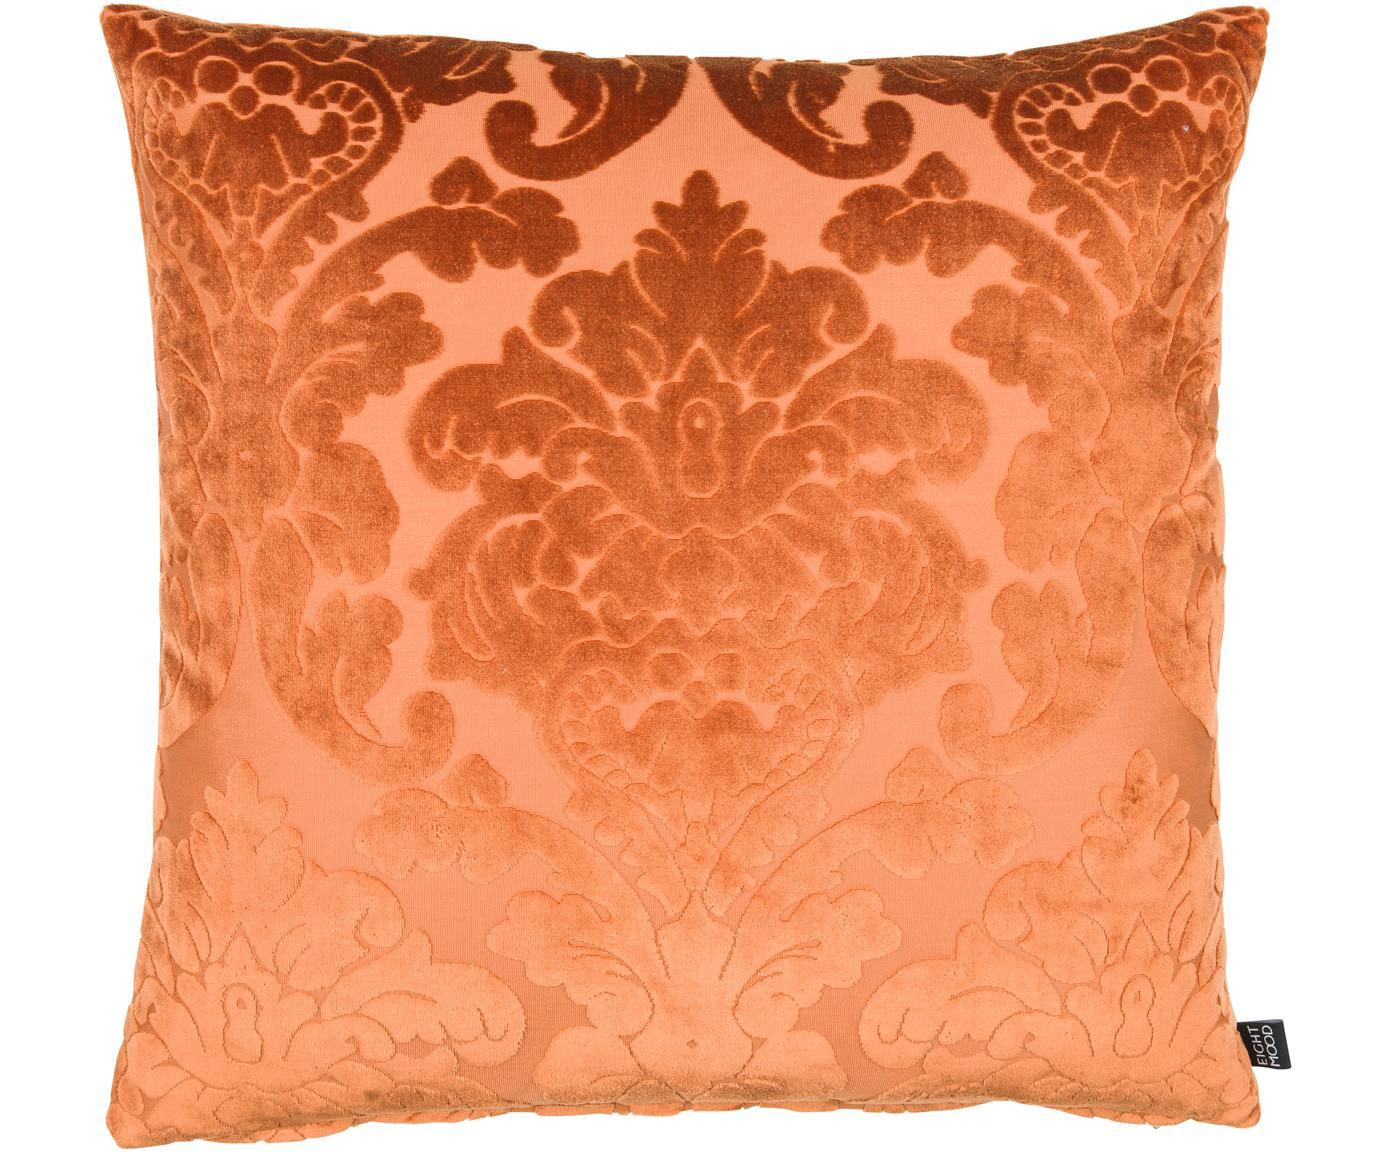 Poduszka z aksamitu z wypełnieniem Chateau, Pomarańczowy, S 50 x D 50 cm